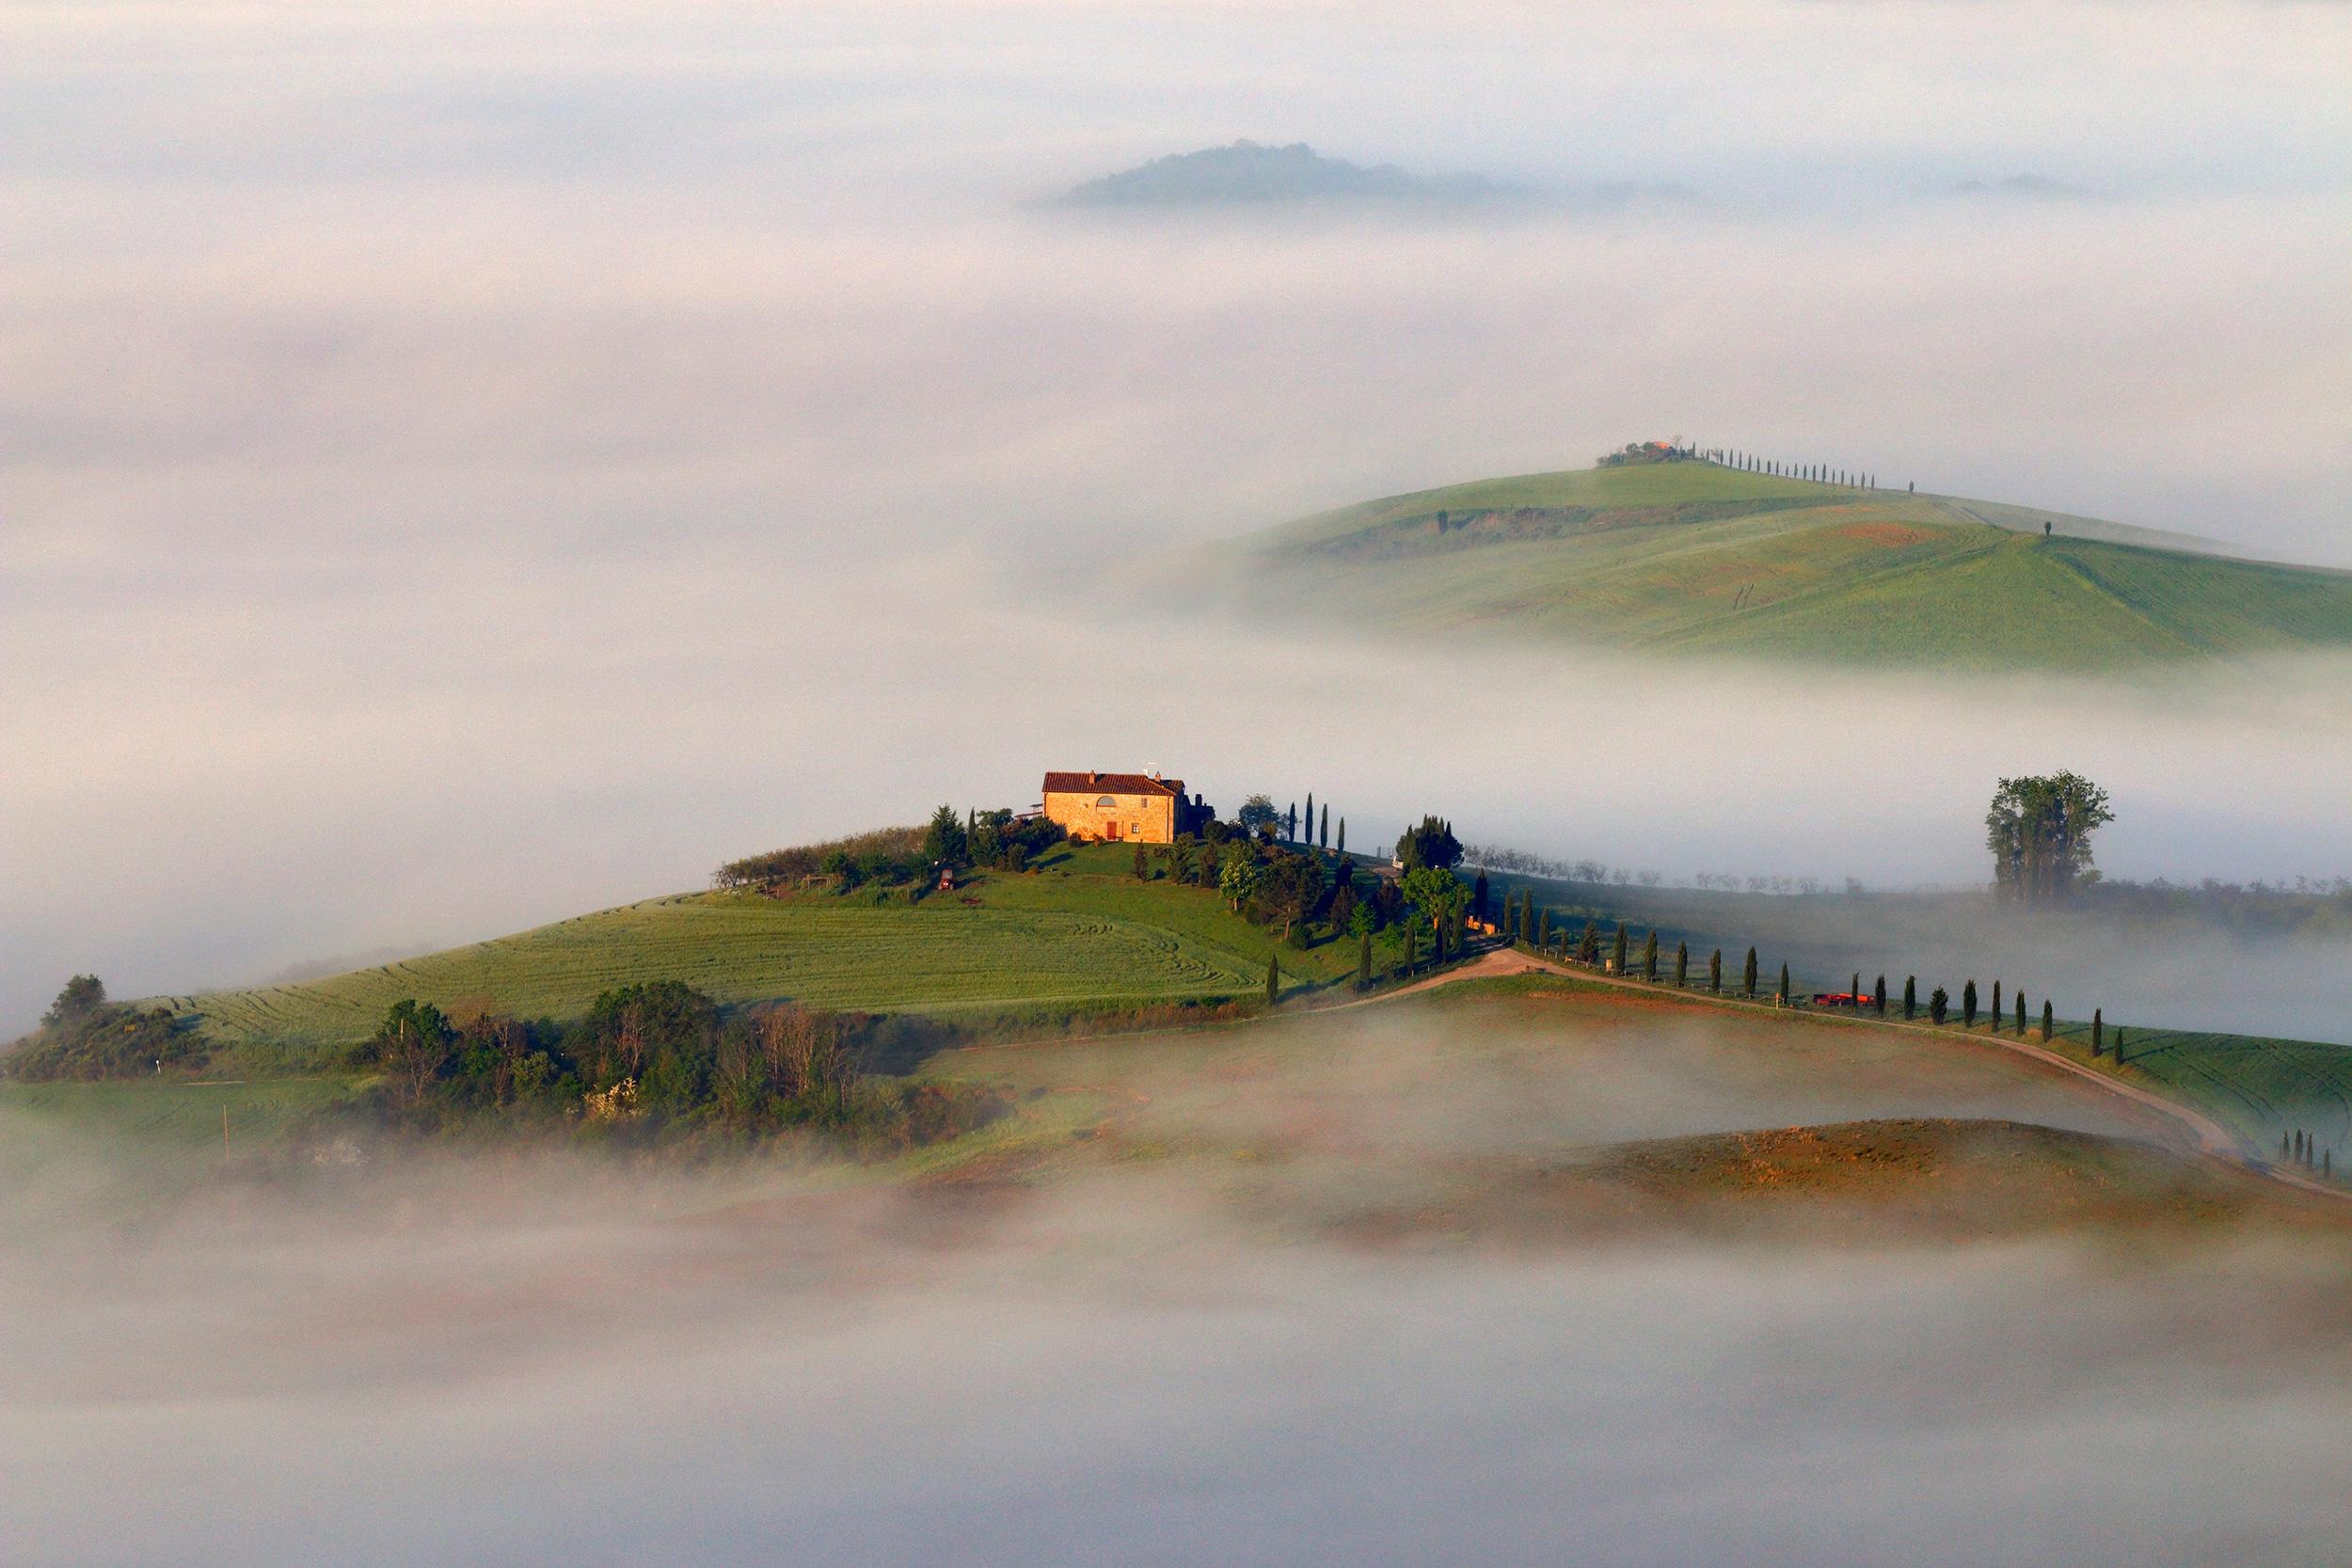 Floating farmland - Valdorcia hills, Tuscany, Italy